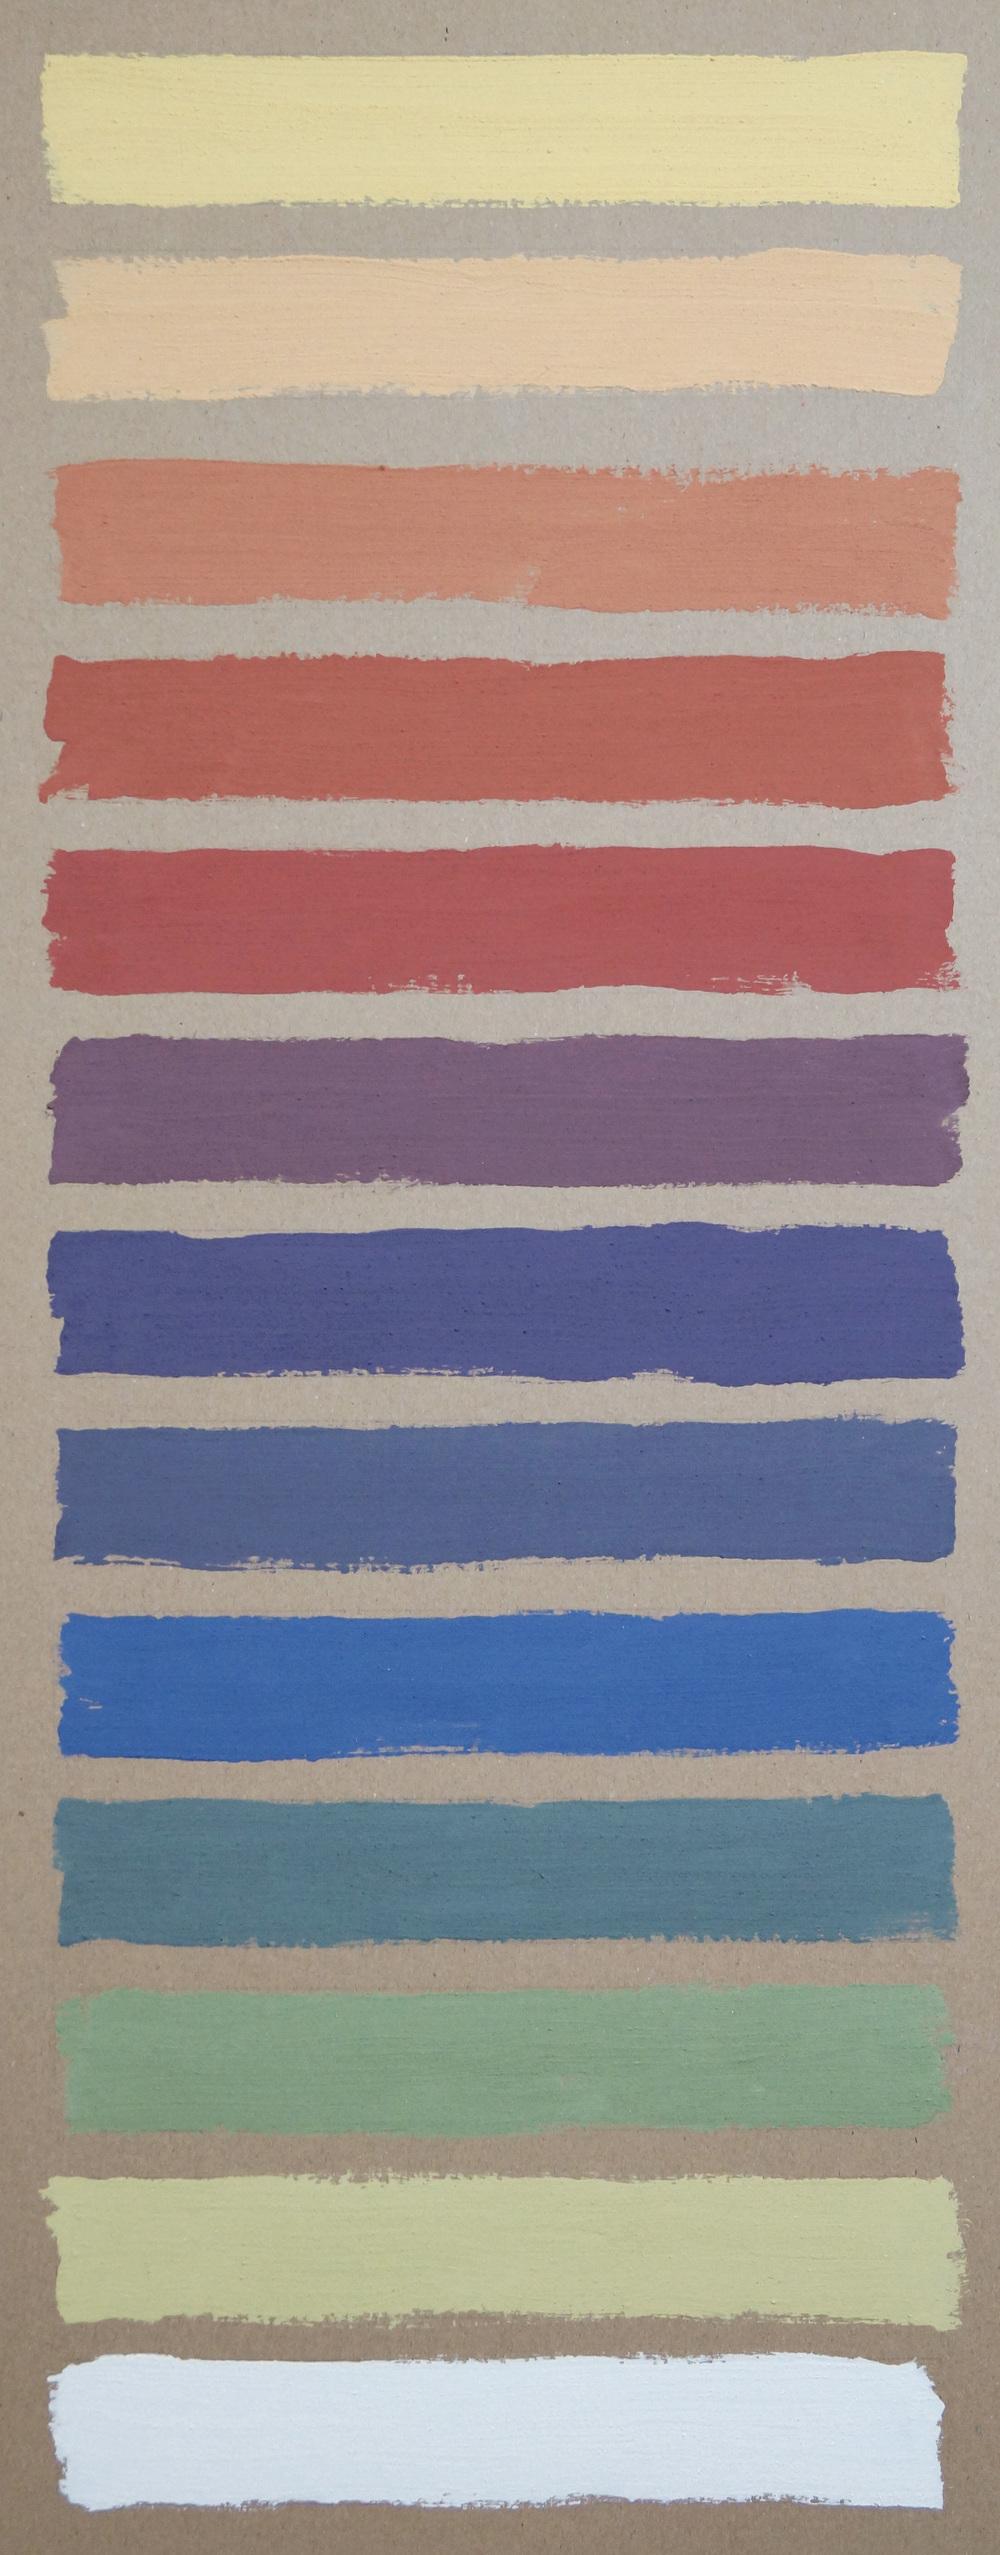 Lehmfarbe-Streichputz.jpg